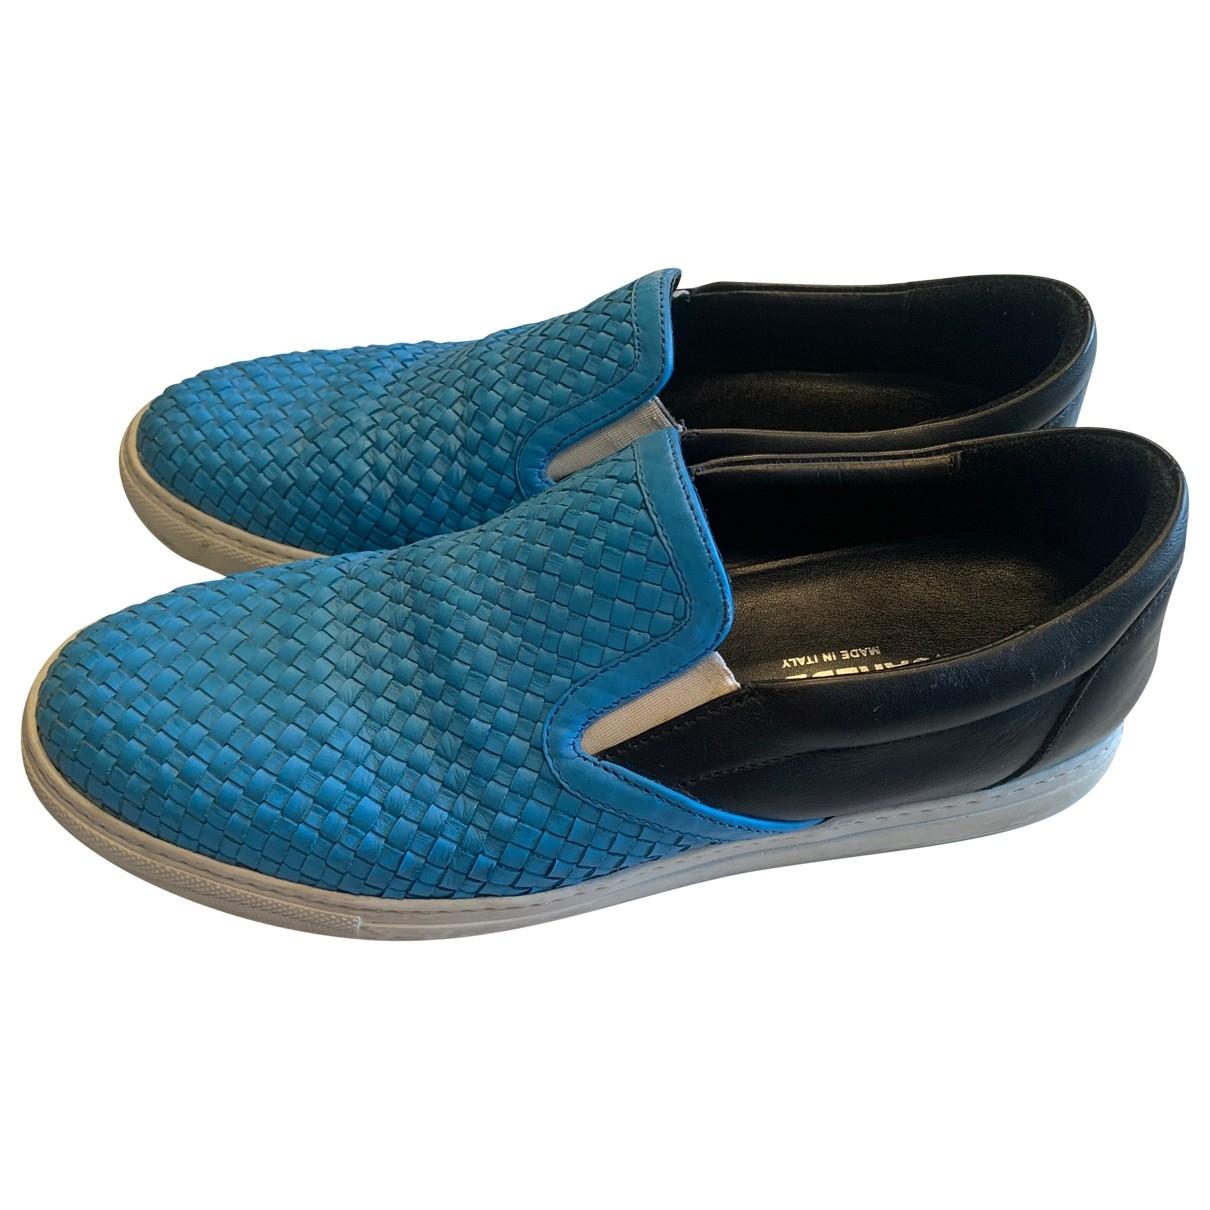 Dsquared2 - Baskets   pour homme en cuir - turquoise